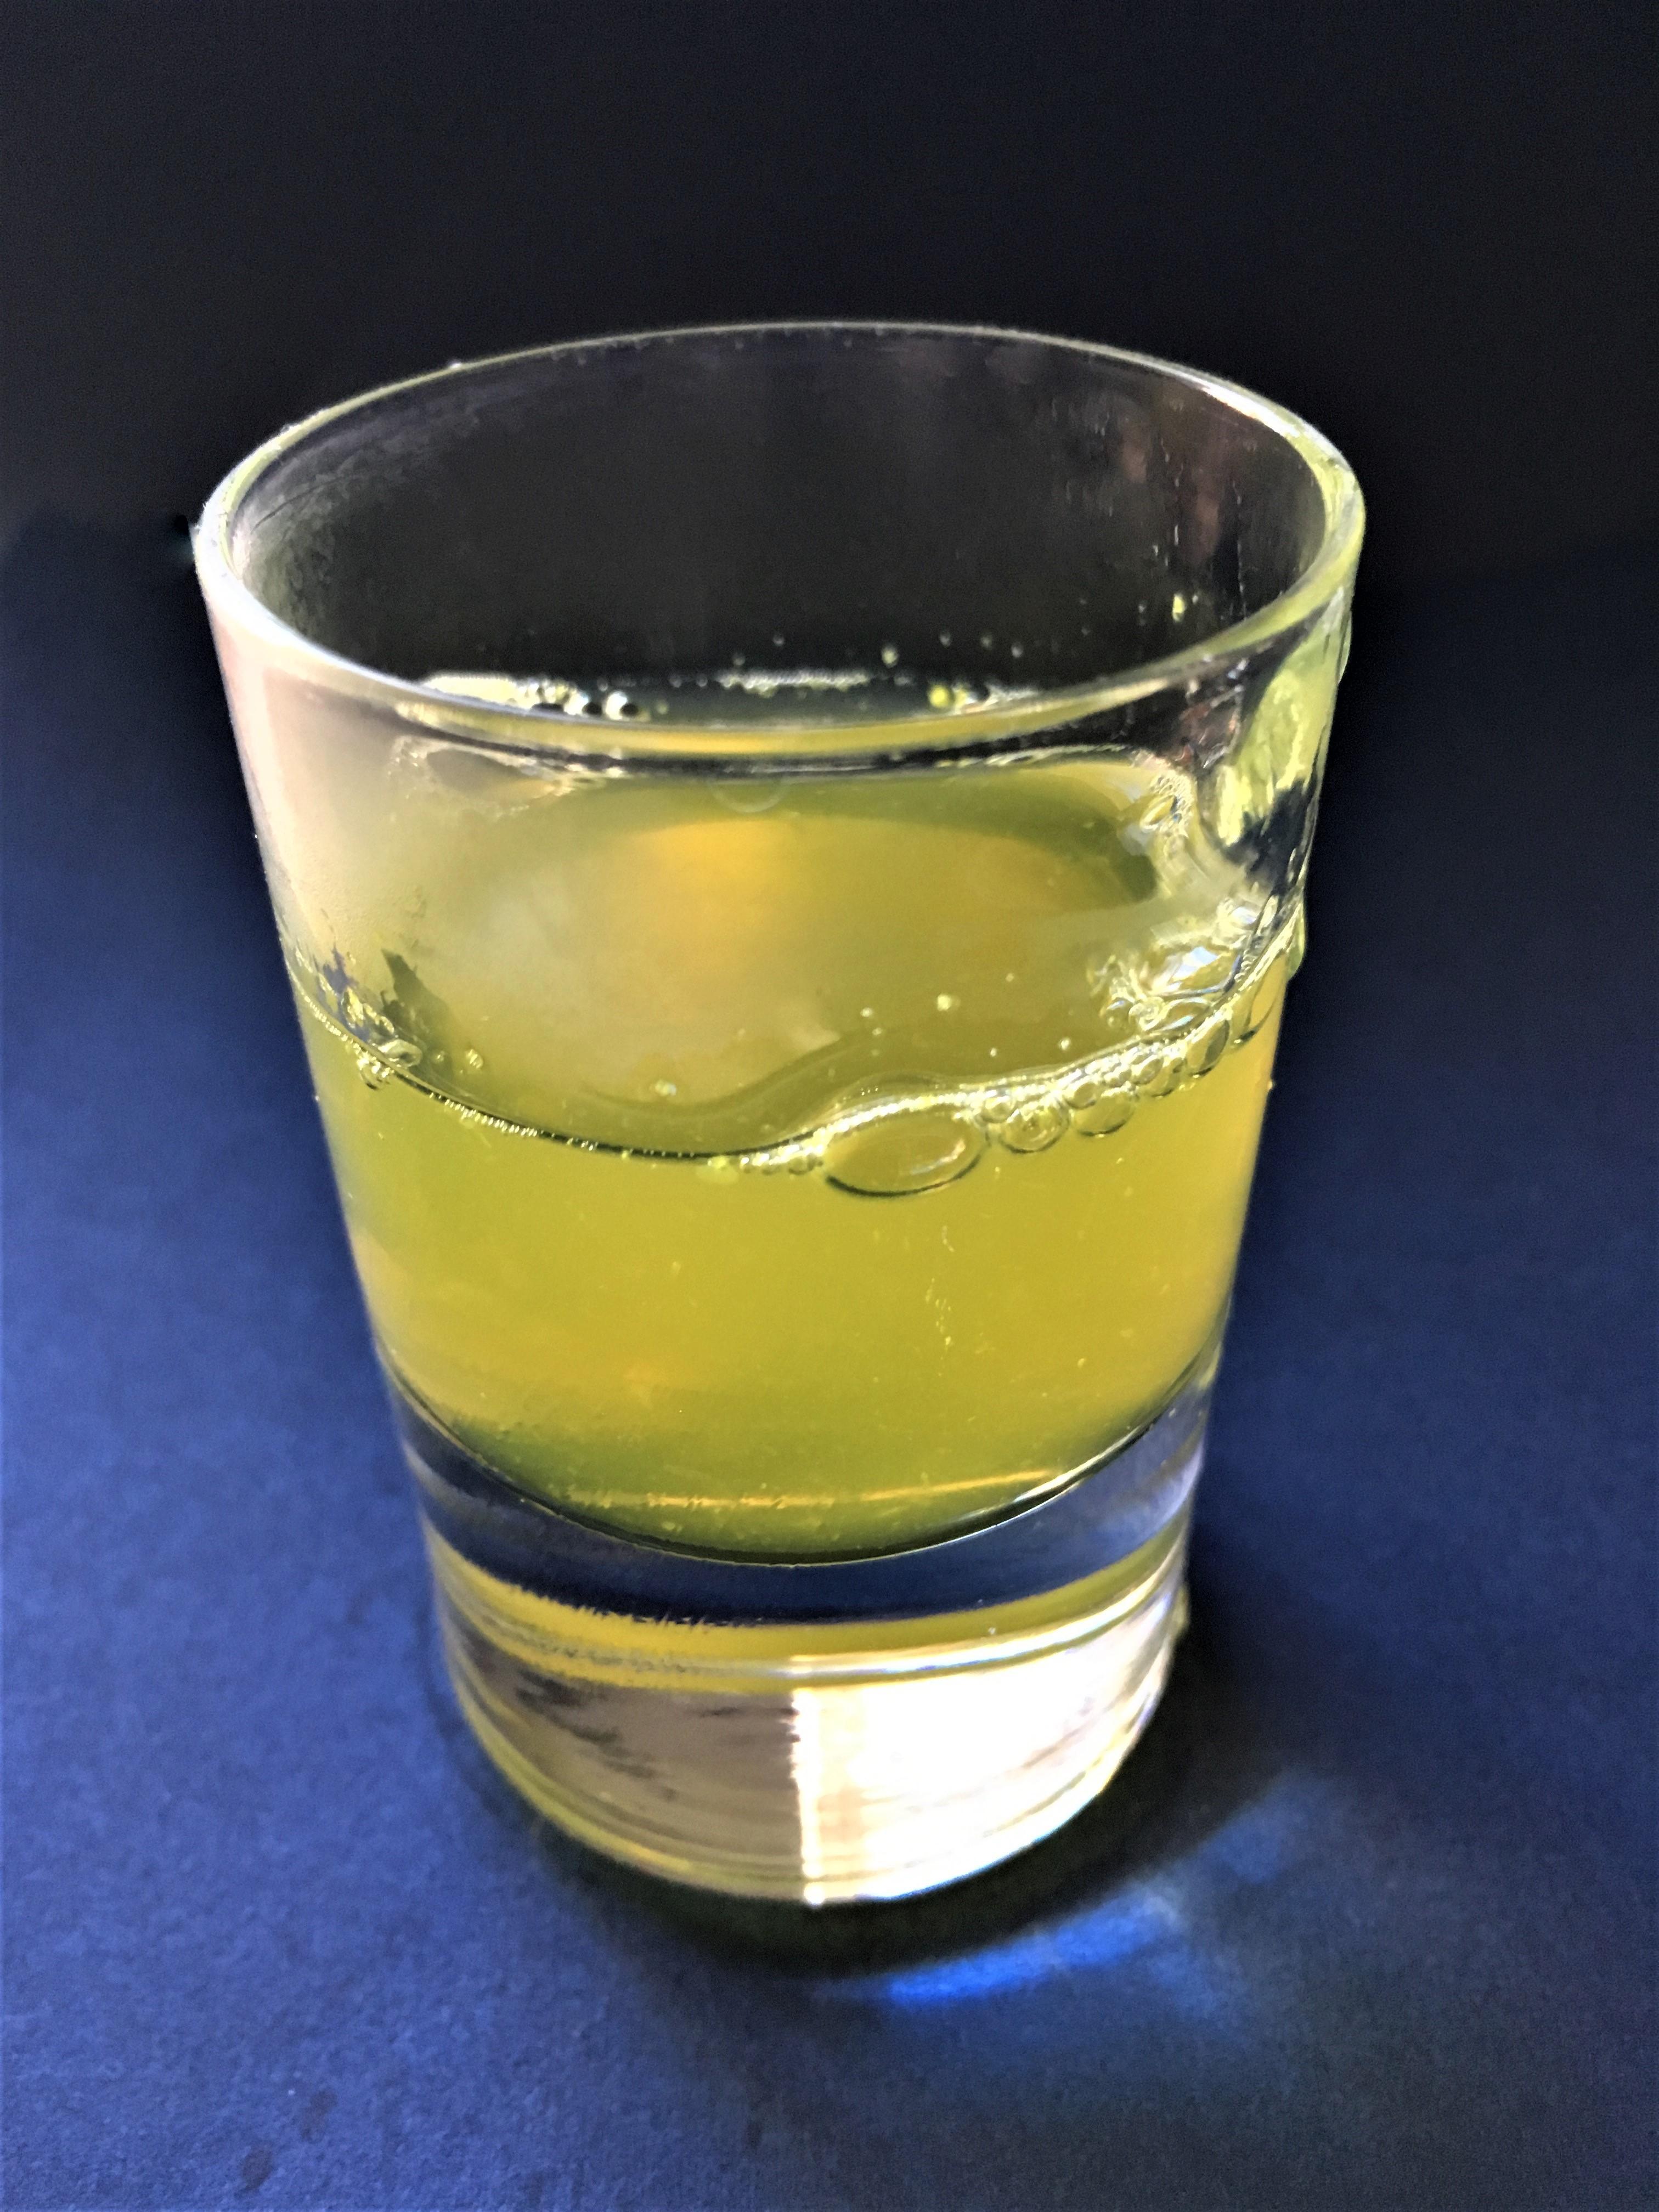 Ingefær, ingefærshot, opskrift, kogt, shot, SuperOtium, sund, gigt, nemt, sjov, gurkemeje, citron, økologi